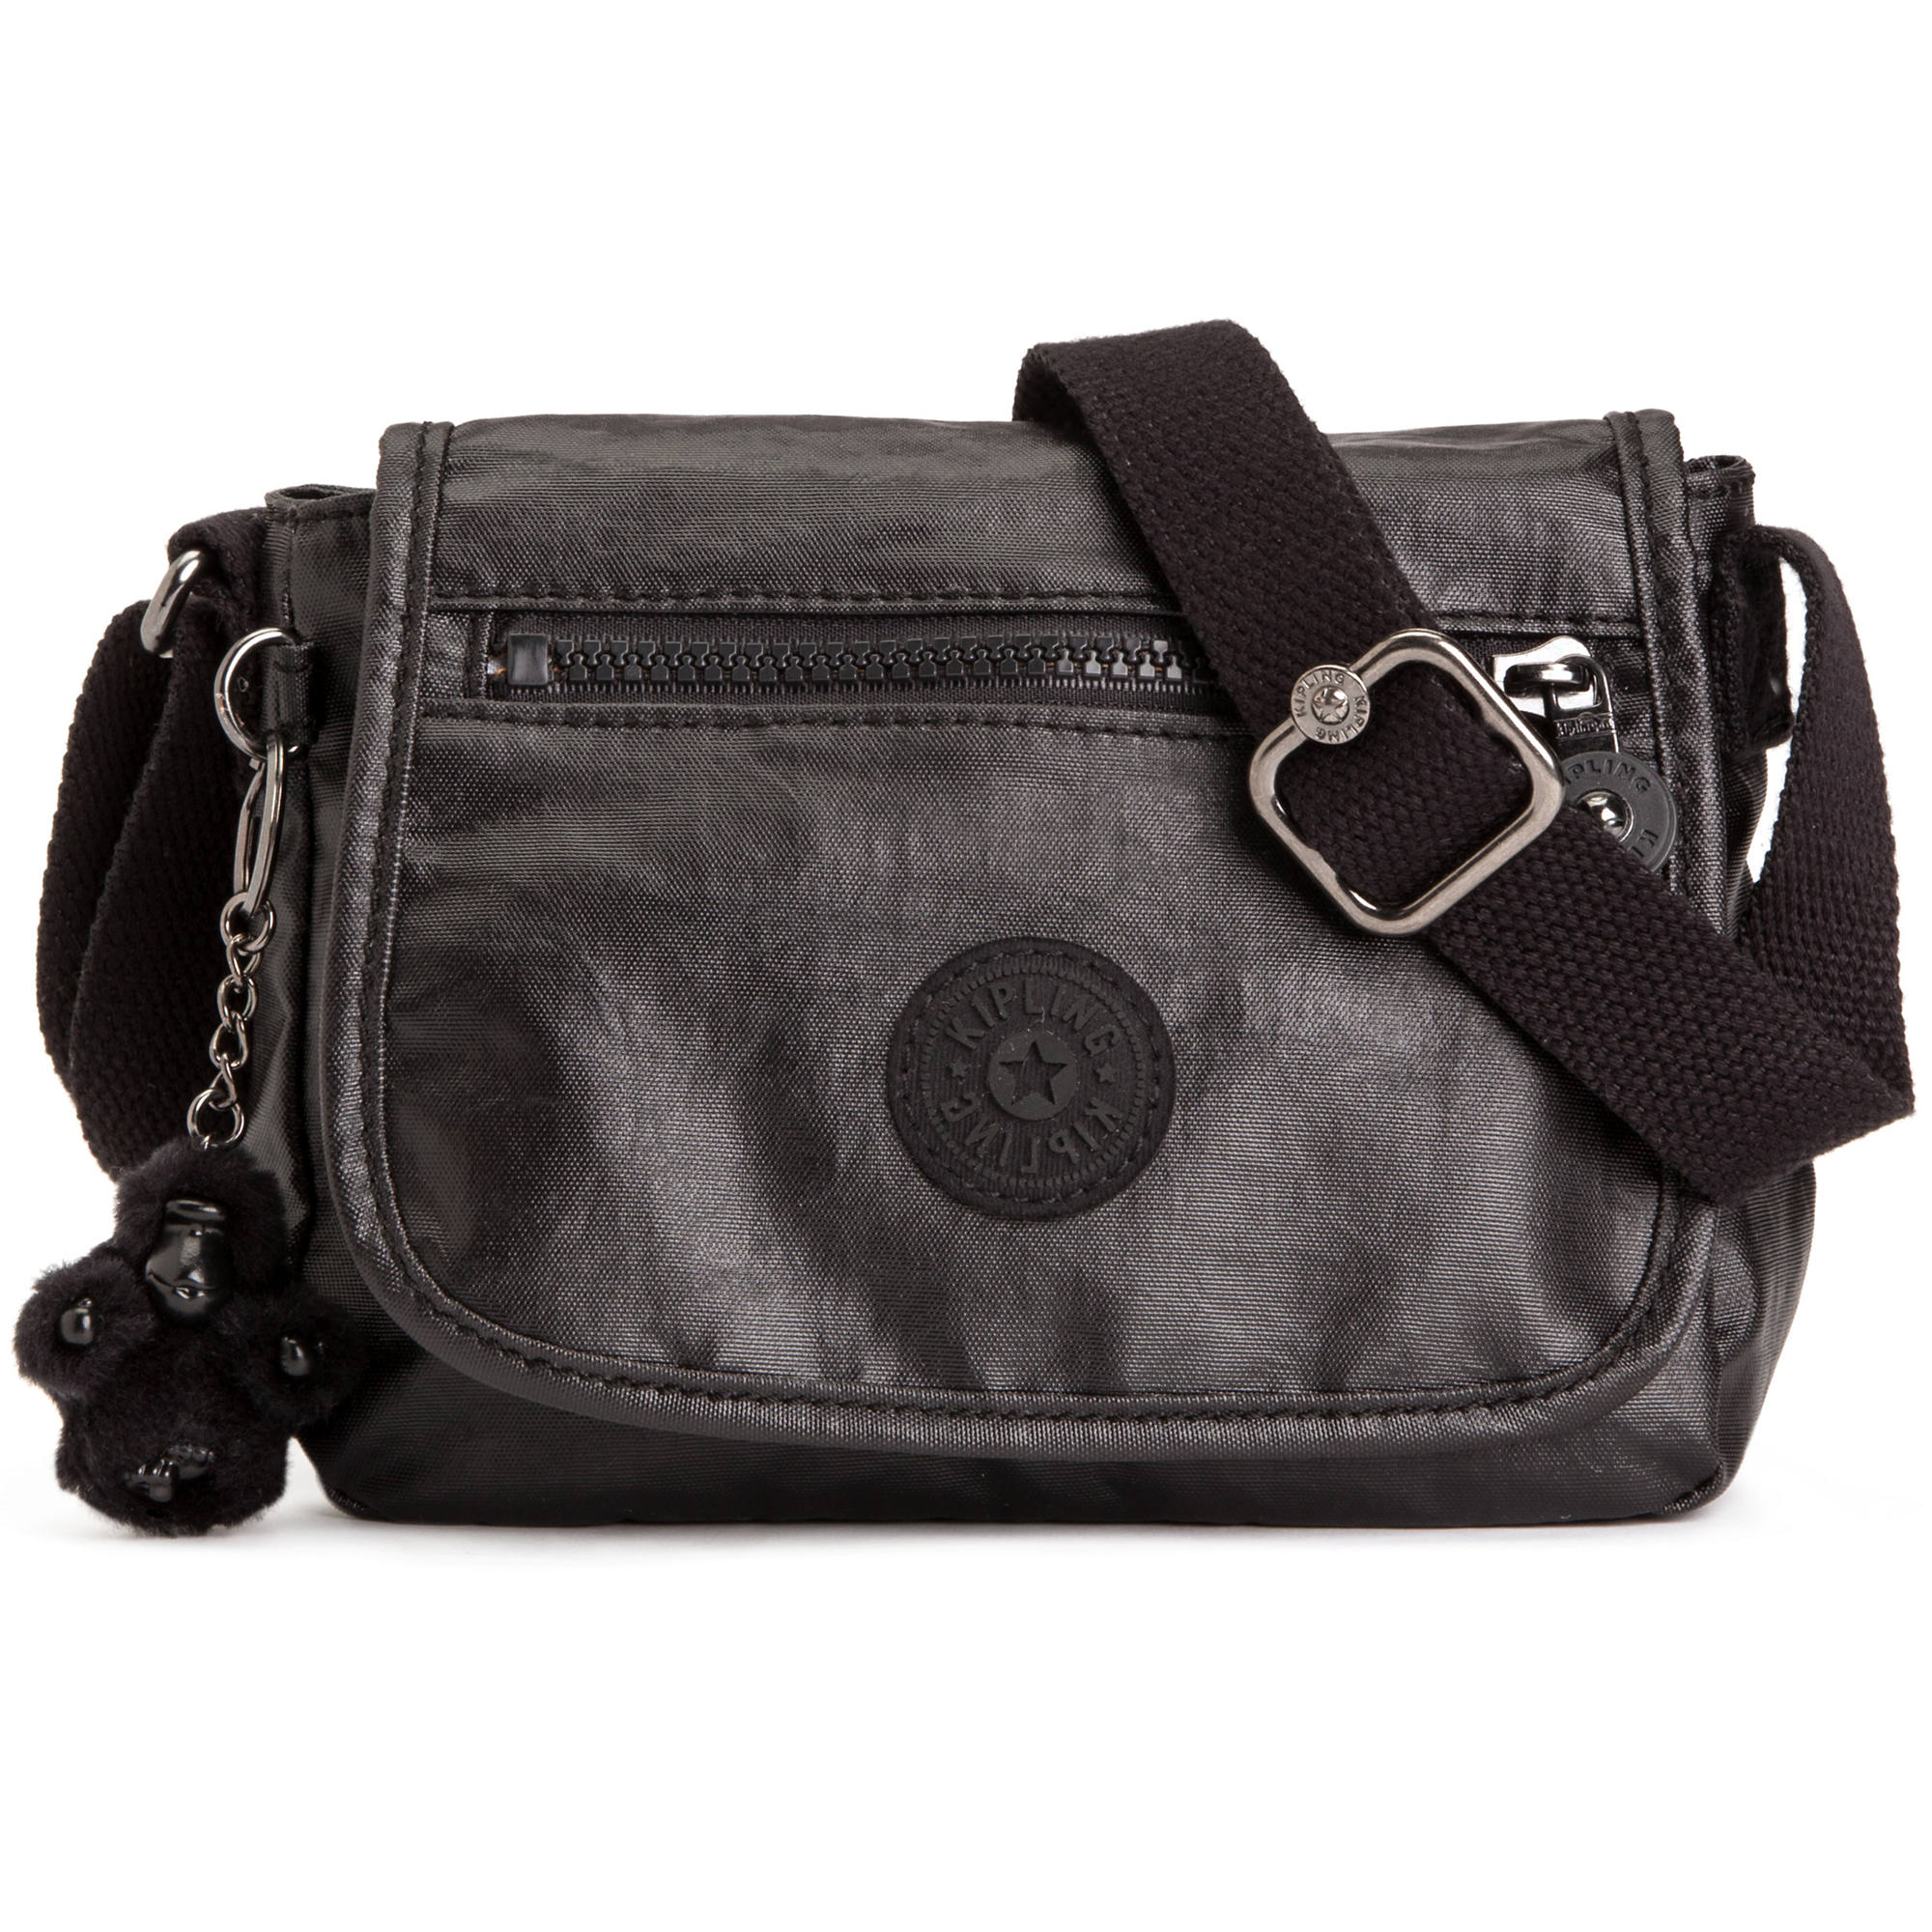 07119a24f936 Sabian Metallic Mini Bag